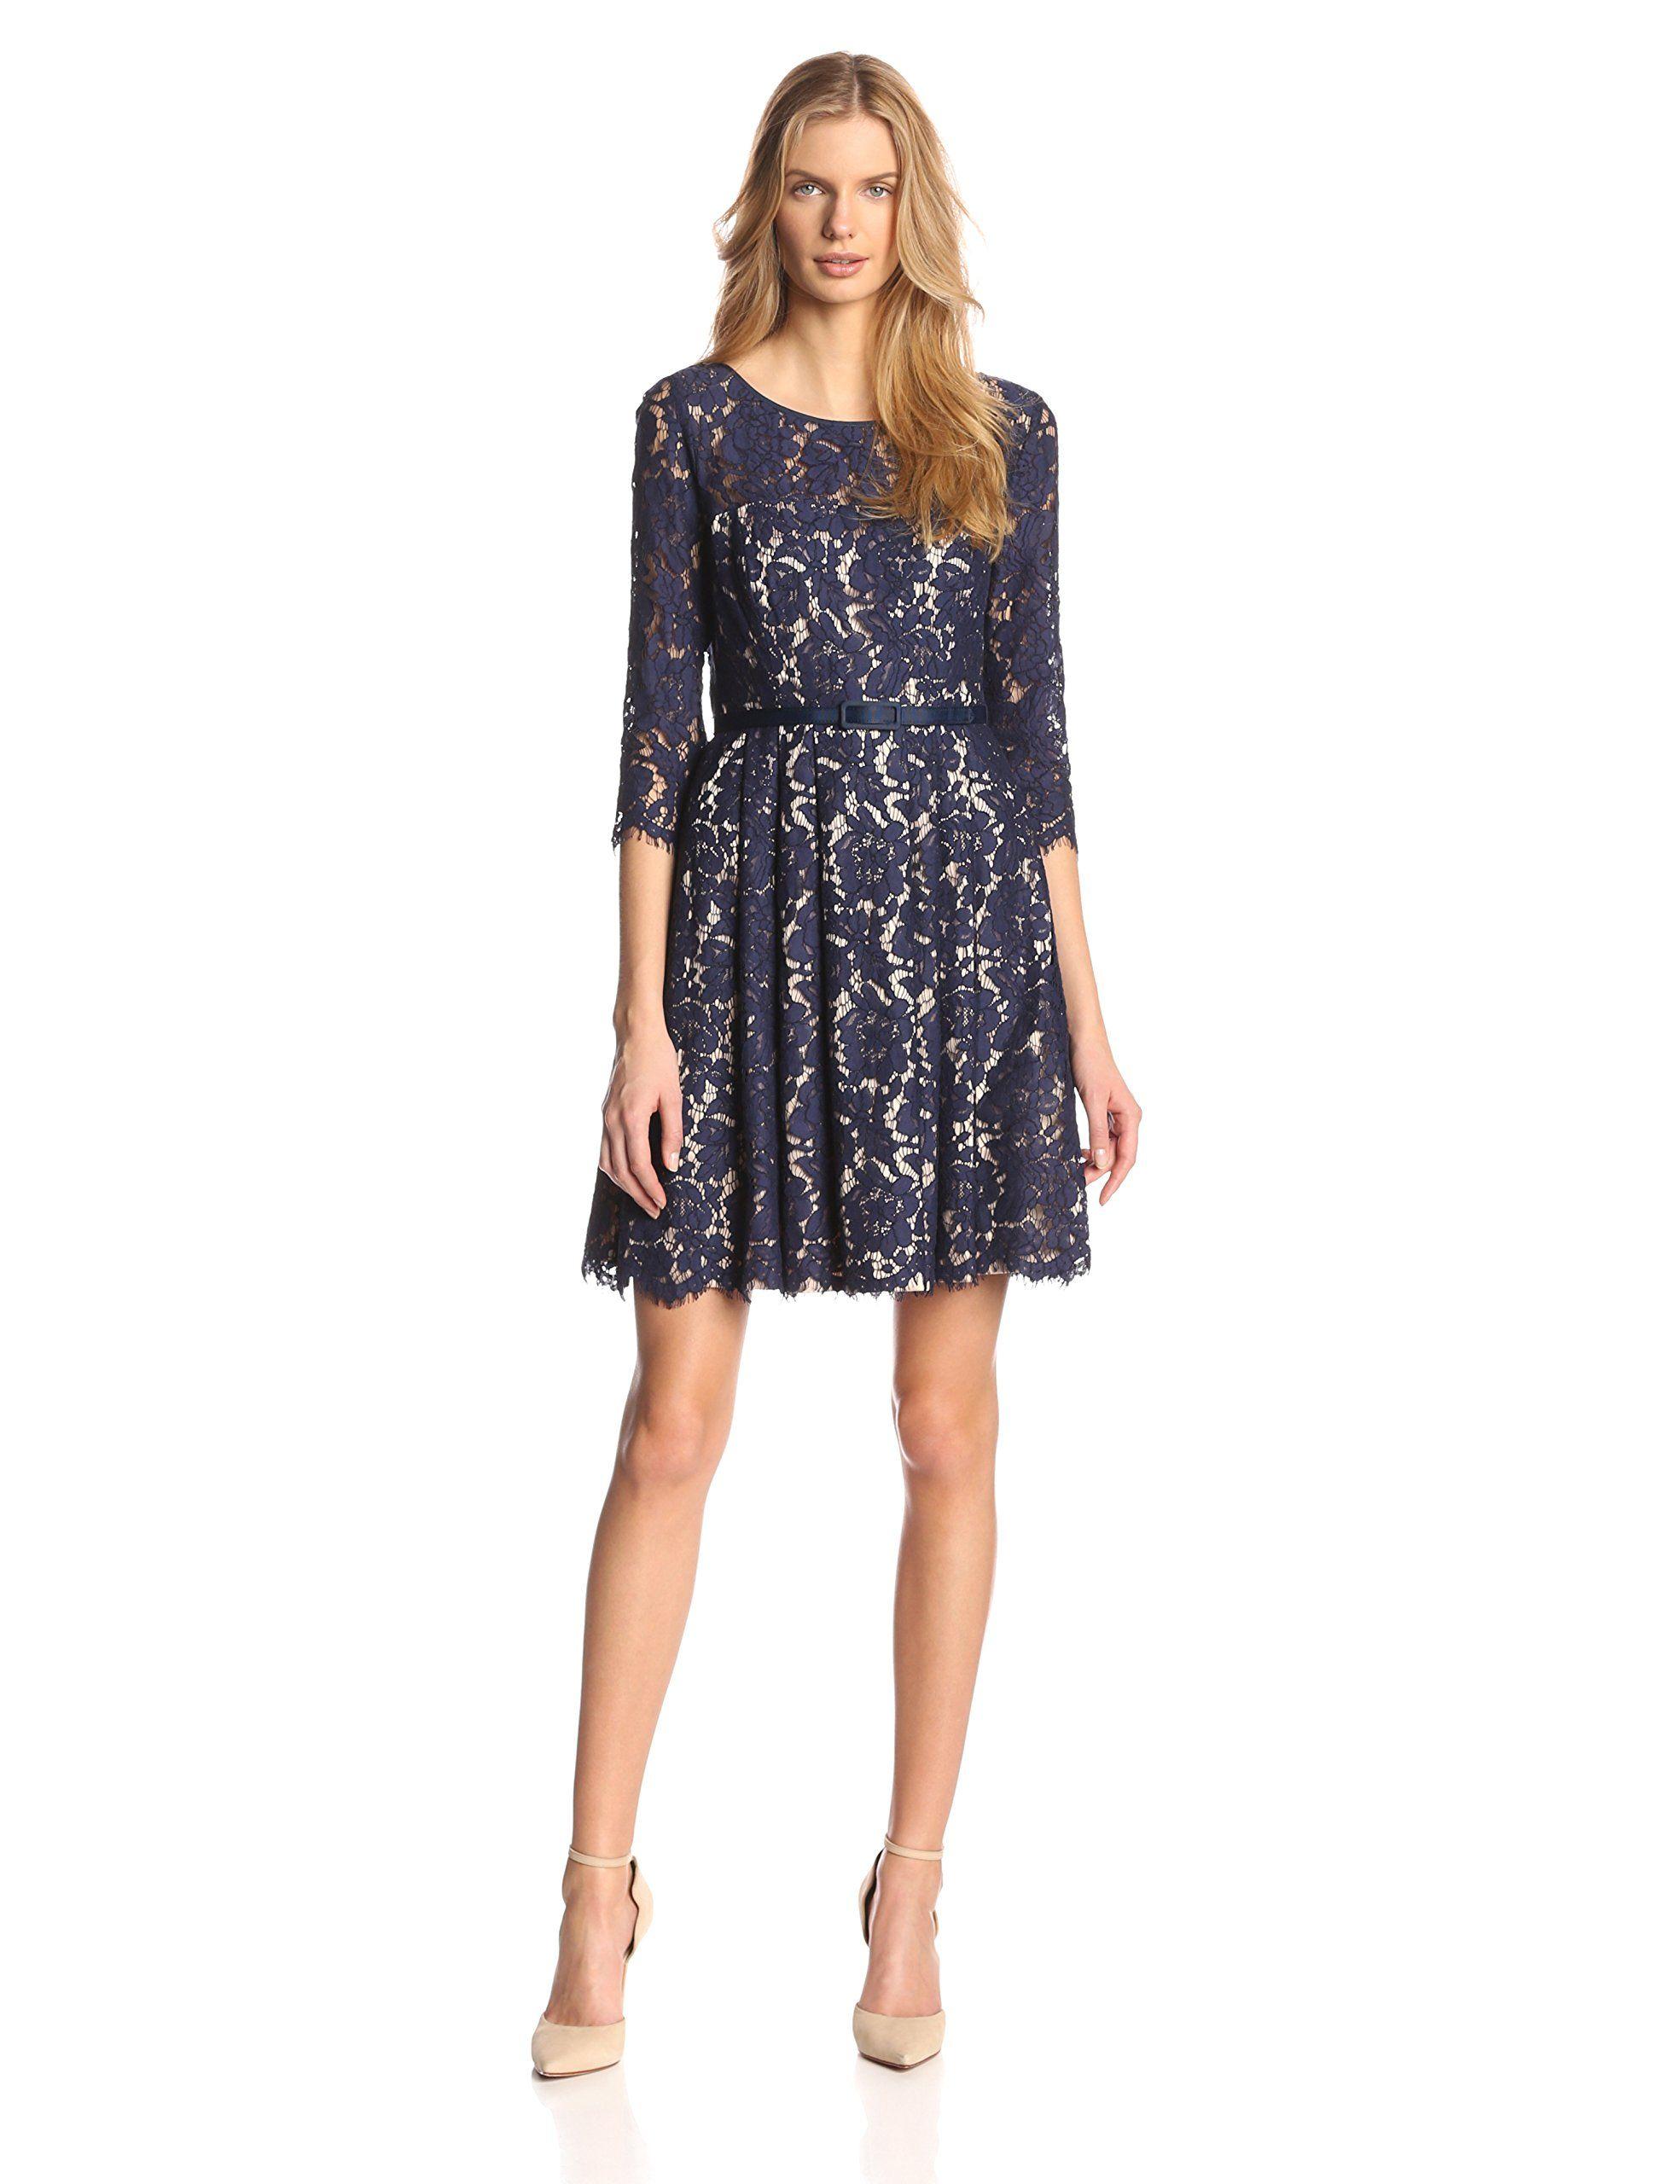 ed29a40d7207c Eliza J Women's Lace A-Line Dress, Navy, 6 at Amazon Women's ...